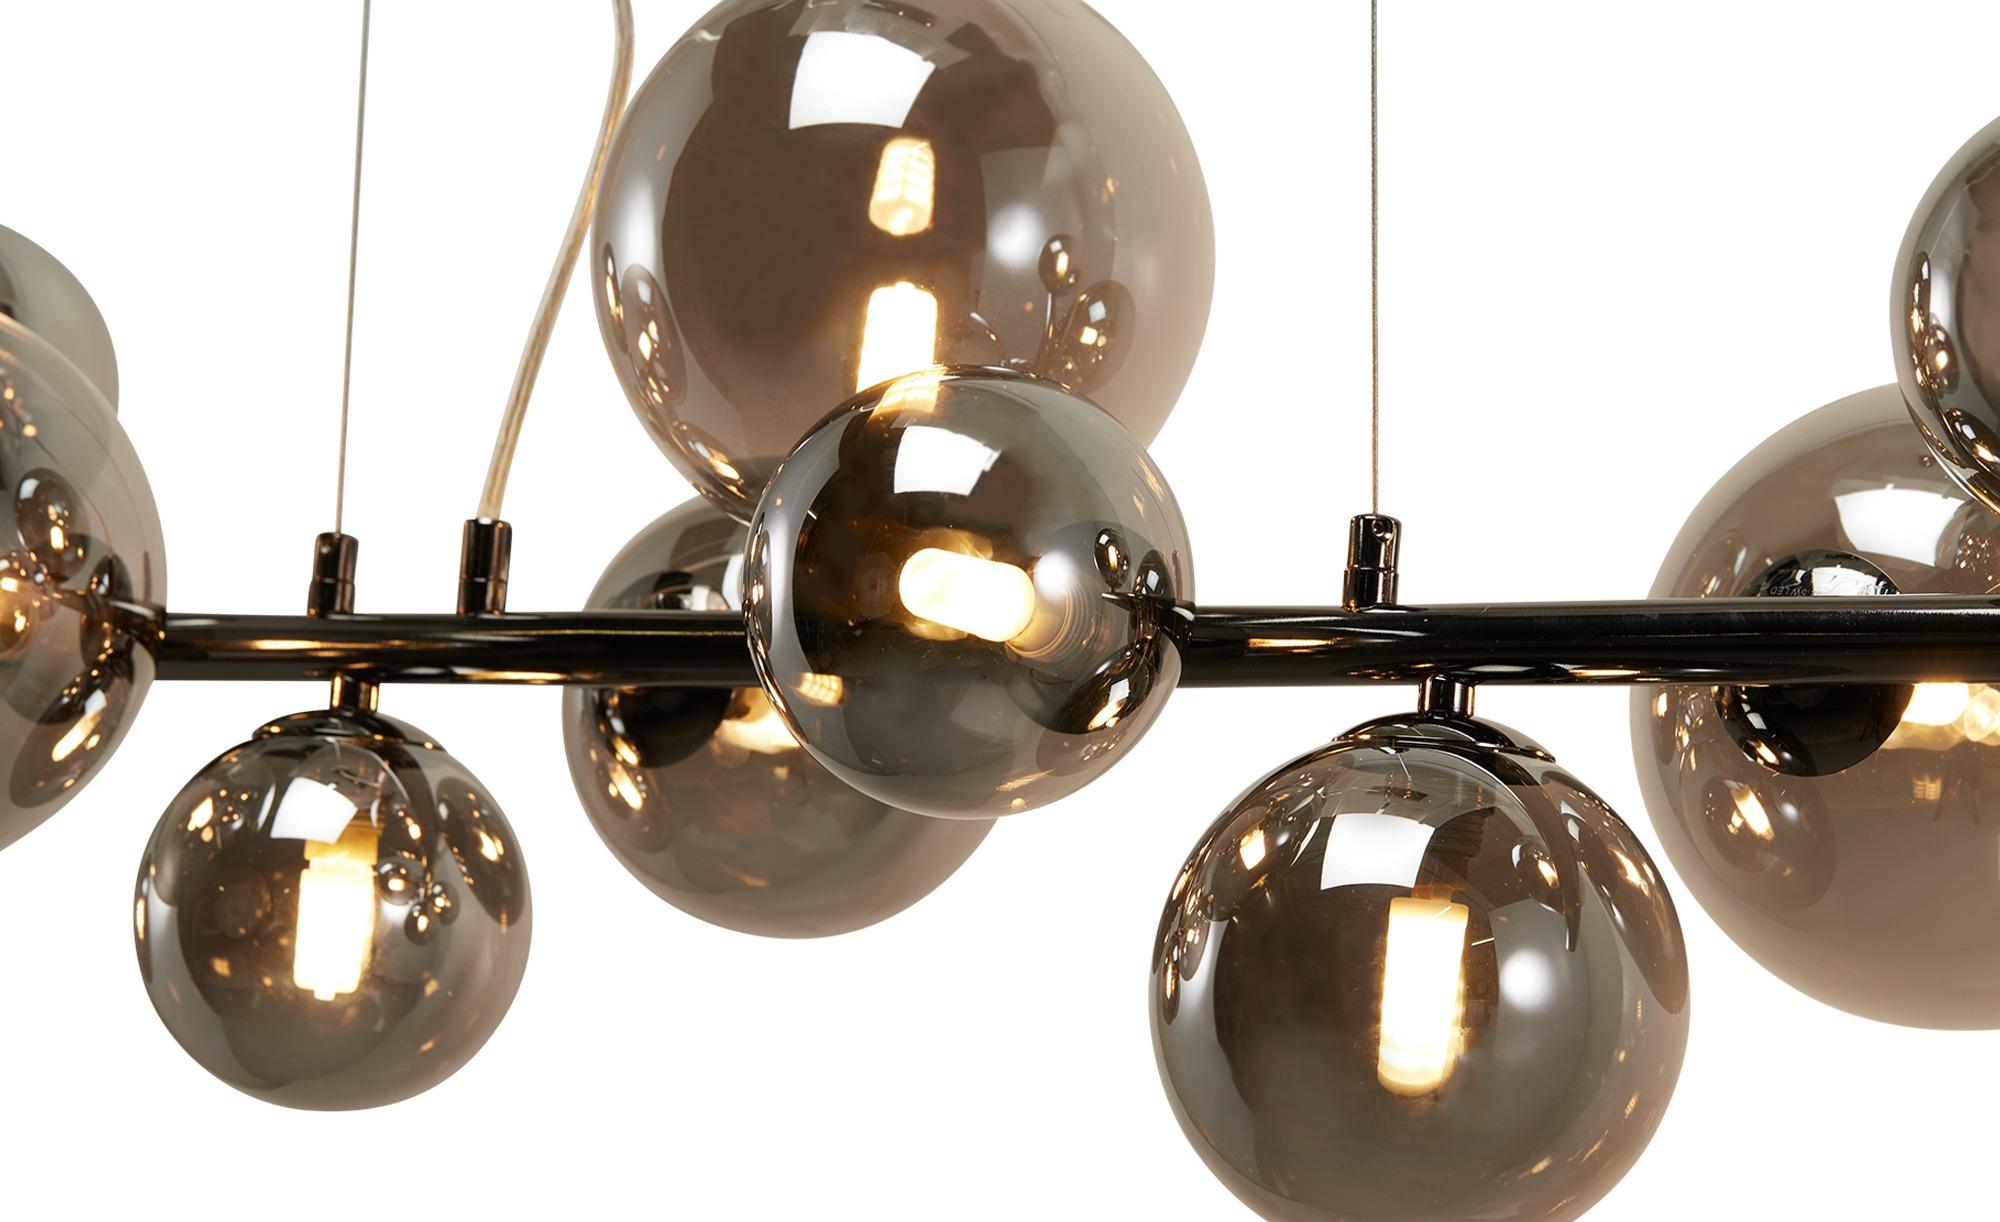 Wofi Pendelleuchte, 10-flammig, Schwarz / Chrom ¦ schwarz ¦ Maße (cm): B: 86 H: 150 T: 24,5 Lampen & Leuchten > LED-Leuchten > LED-Pendelleuchten - Höffner